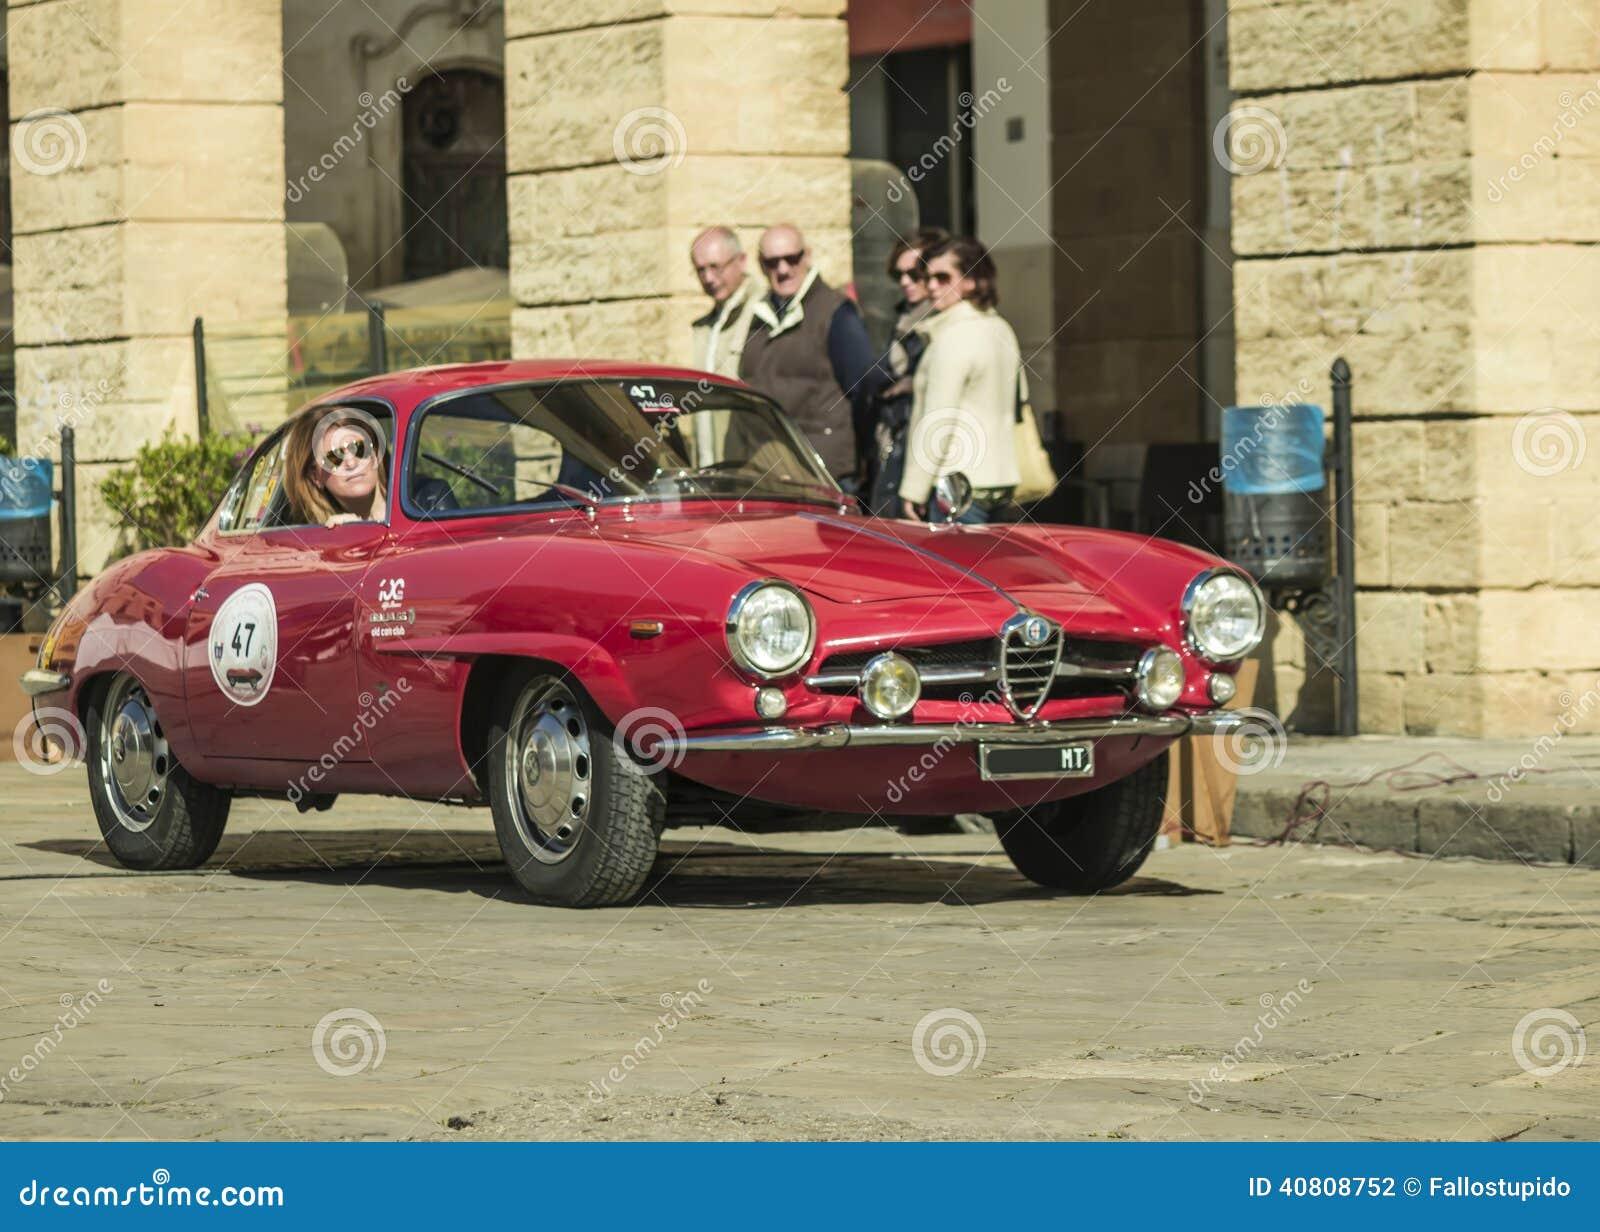 Vintage Alfa Romeo >> Alfa Romeo Giulia Coupe Classic Editorial Photography